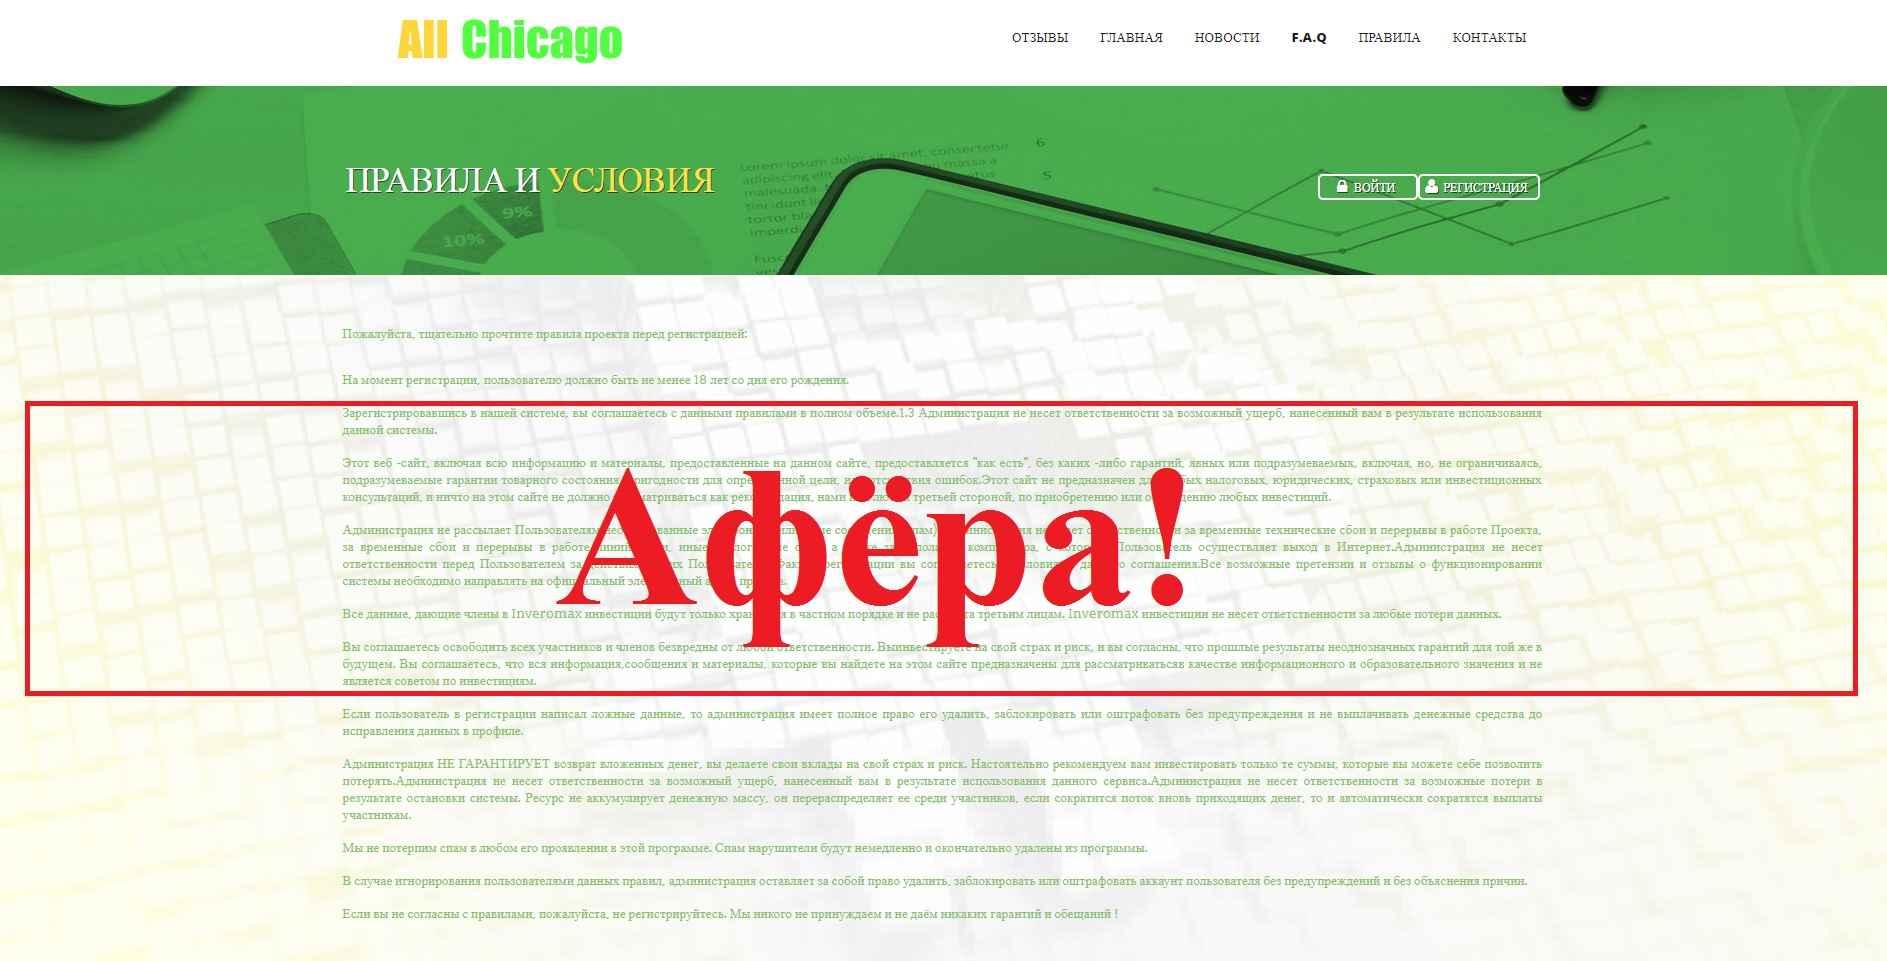 All Chicago – инвестиционный проект. Какие отзывы?